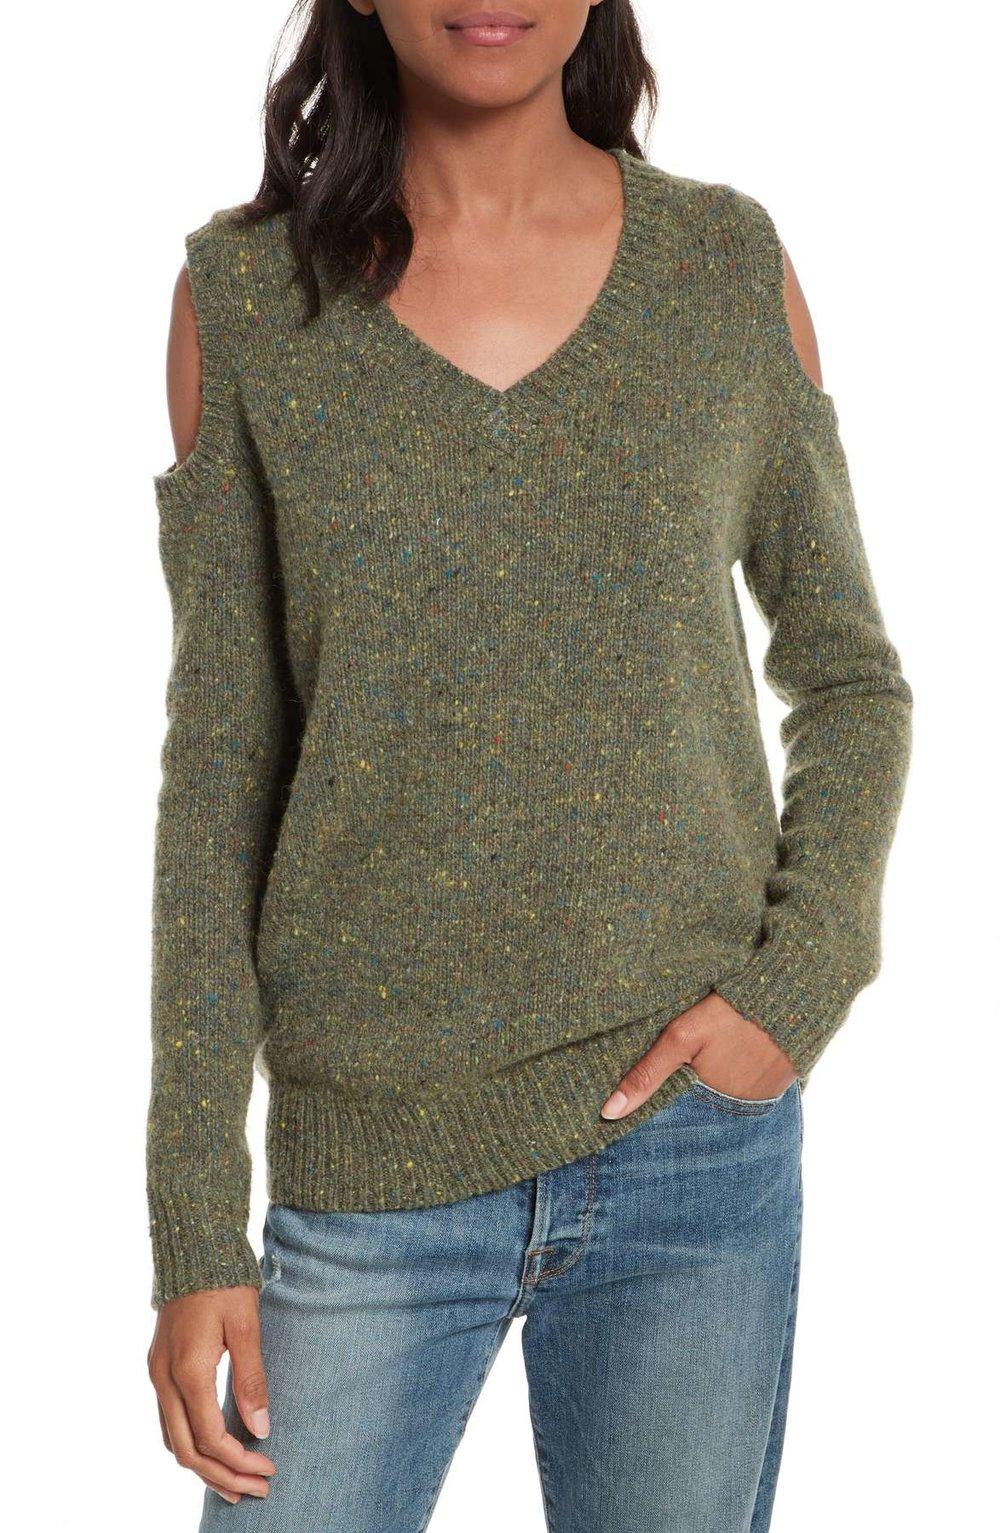 REBECCA MINKOFF Page Cold Shoulder sweater, $88.80 Nordstrom.com